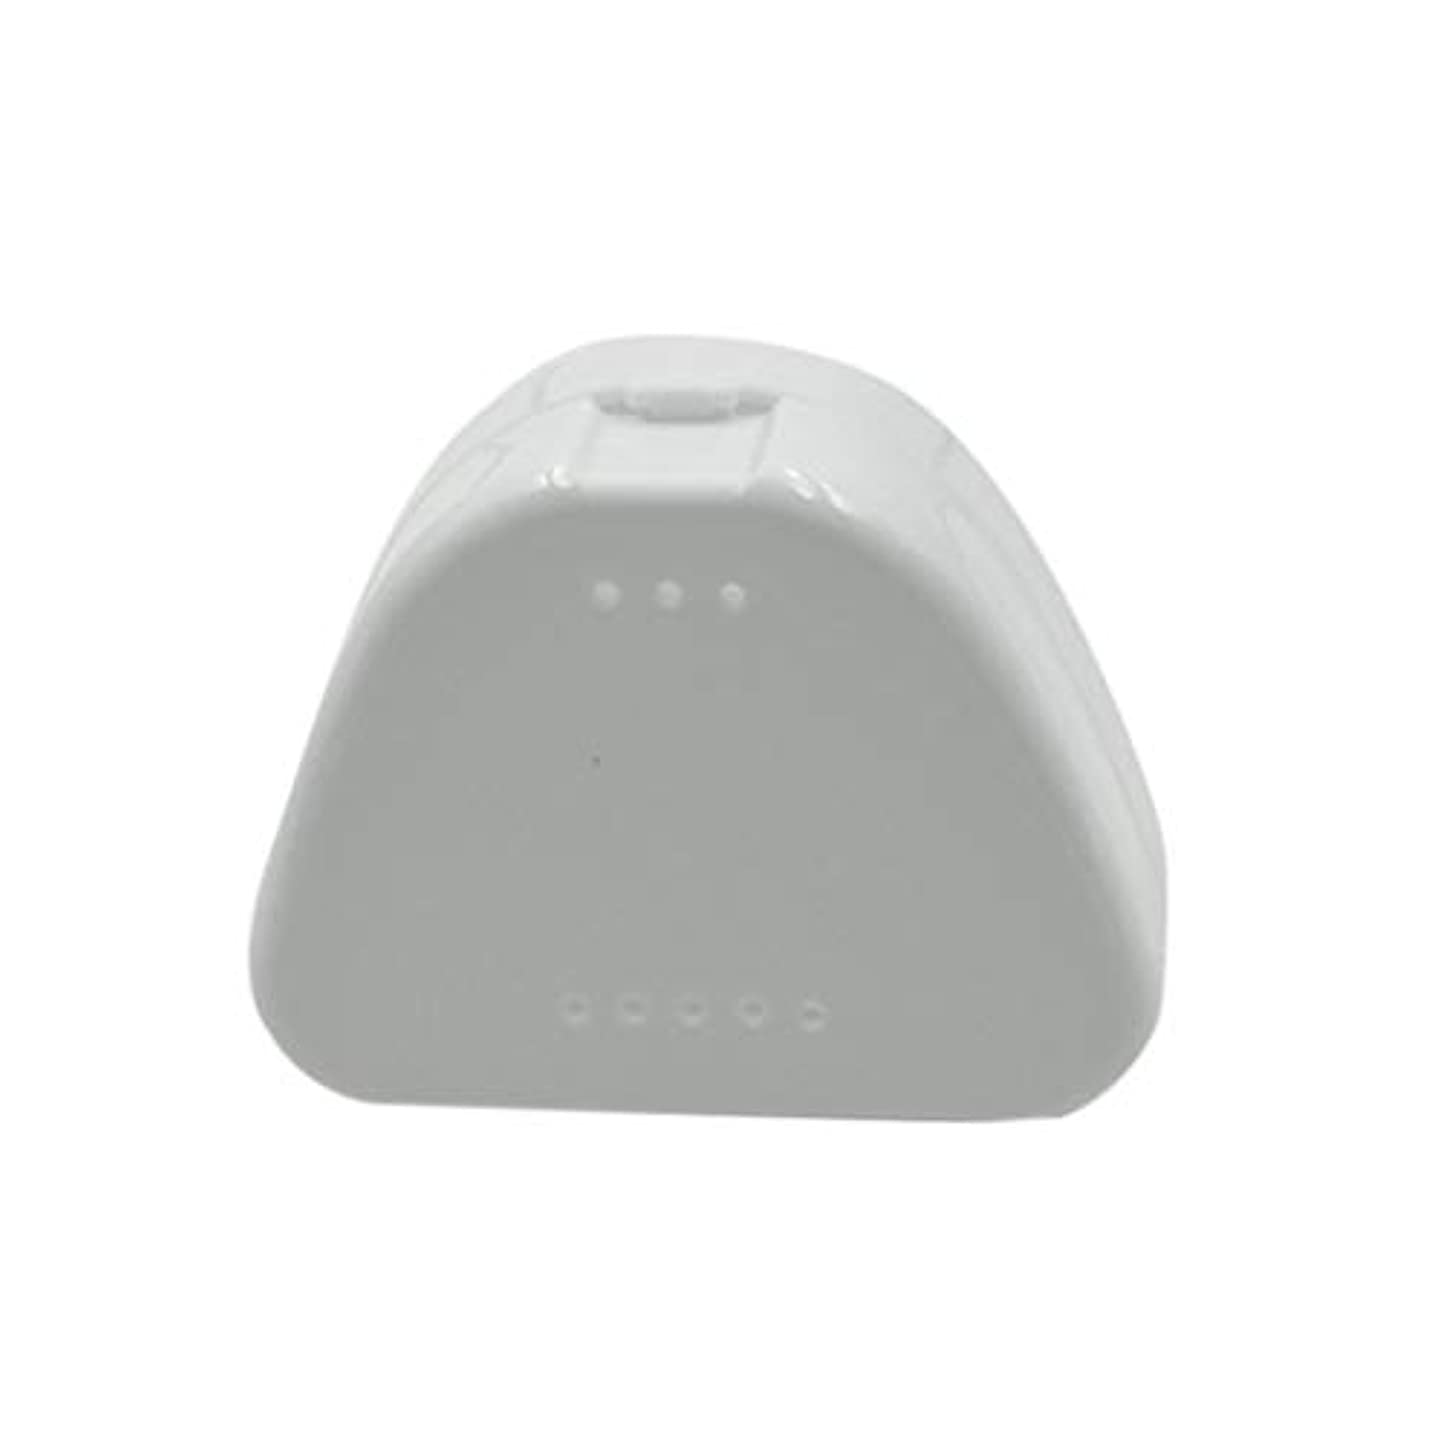 シャット図書館ロビーSUPVOX 4PCS保持ケース旅行義歯マウスガード収納ケースコンテナ通気孔とスナップ蓋(青、白、赤と透明)